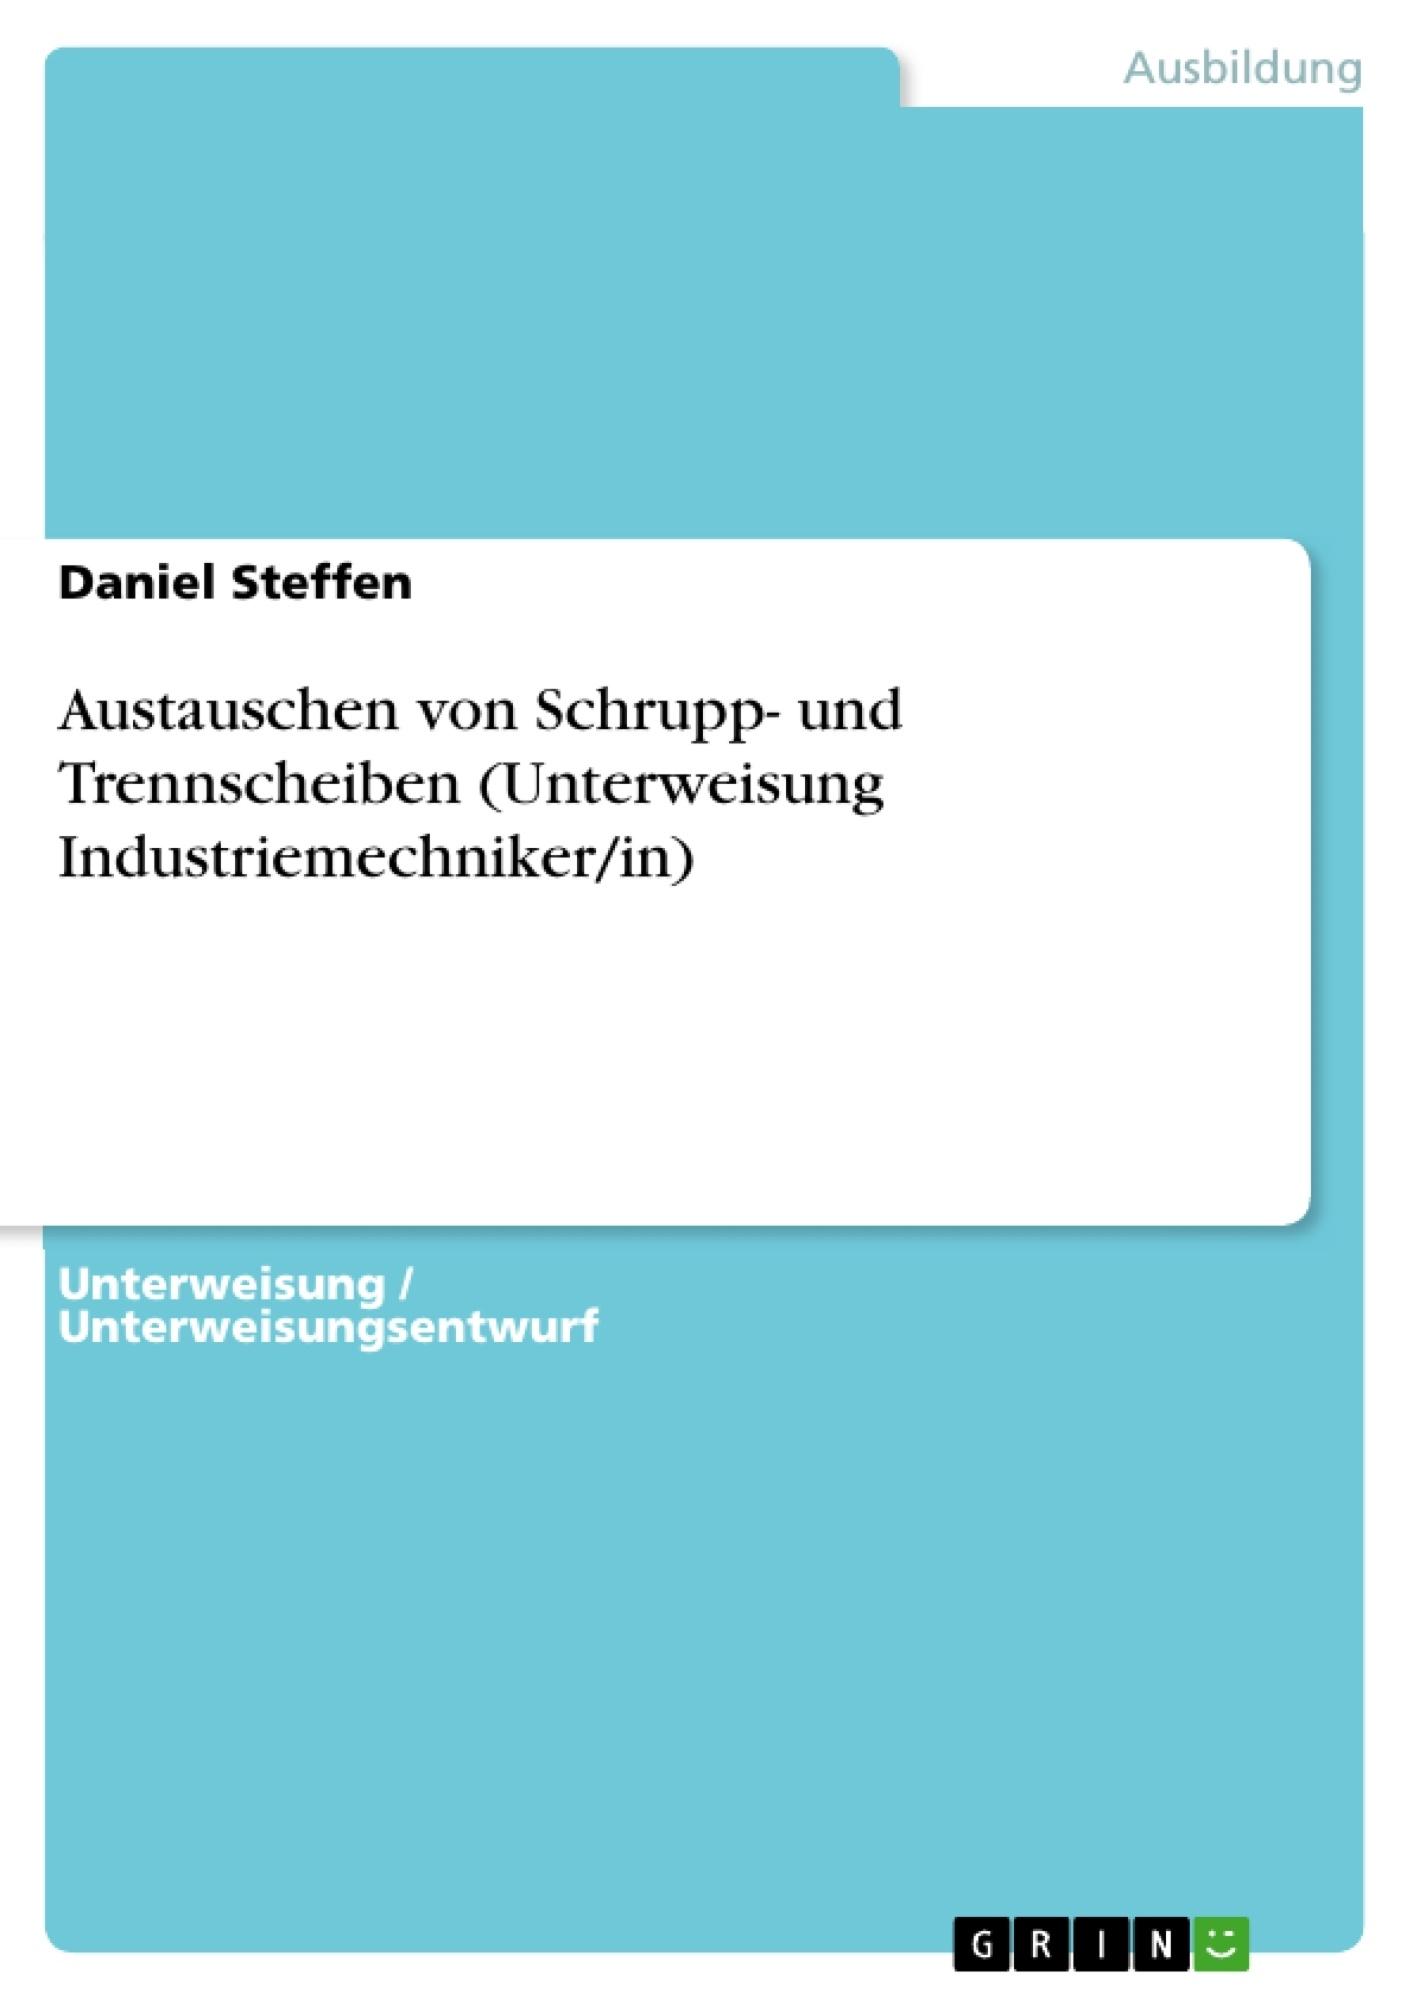 Titel: Austauschen von Schrupp- und Trennscheiben (Unterweisung Industriemechniker/in)